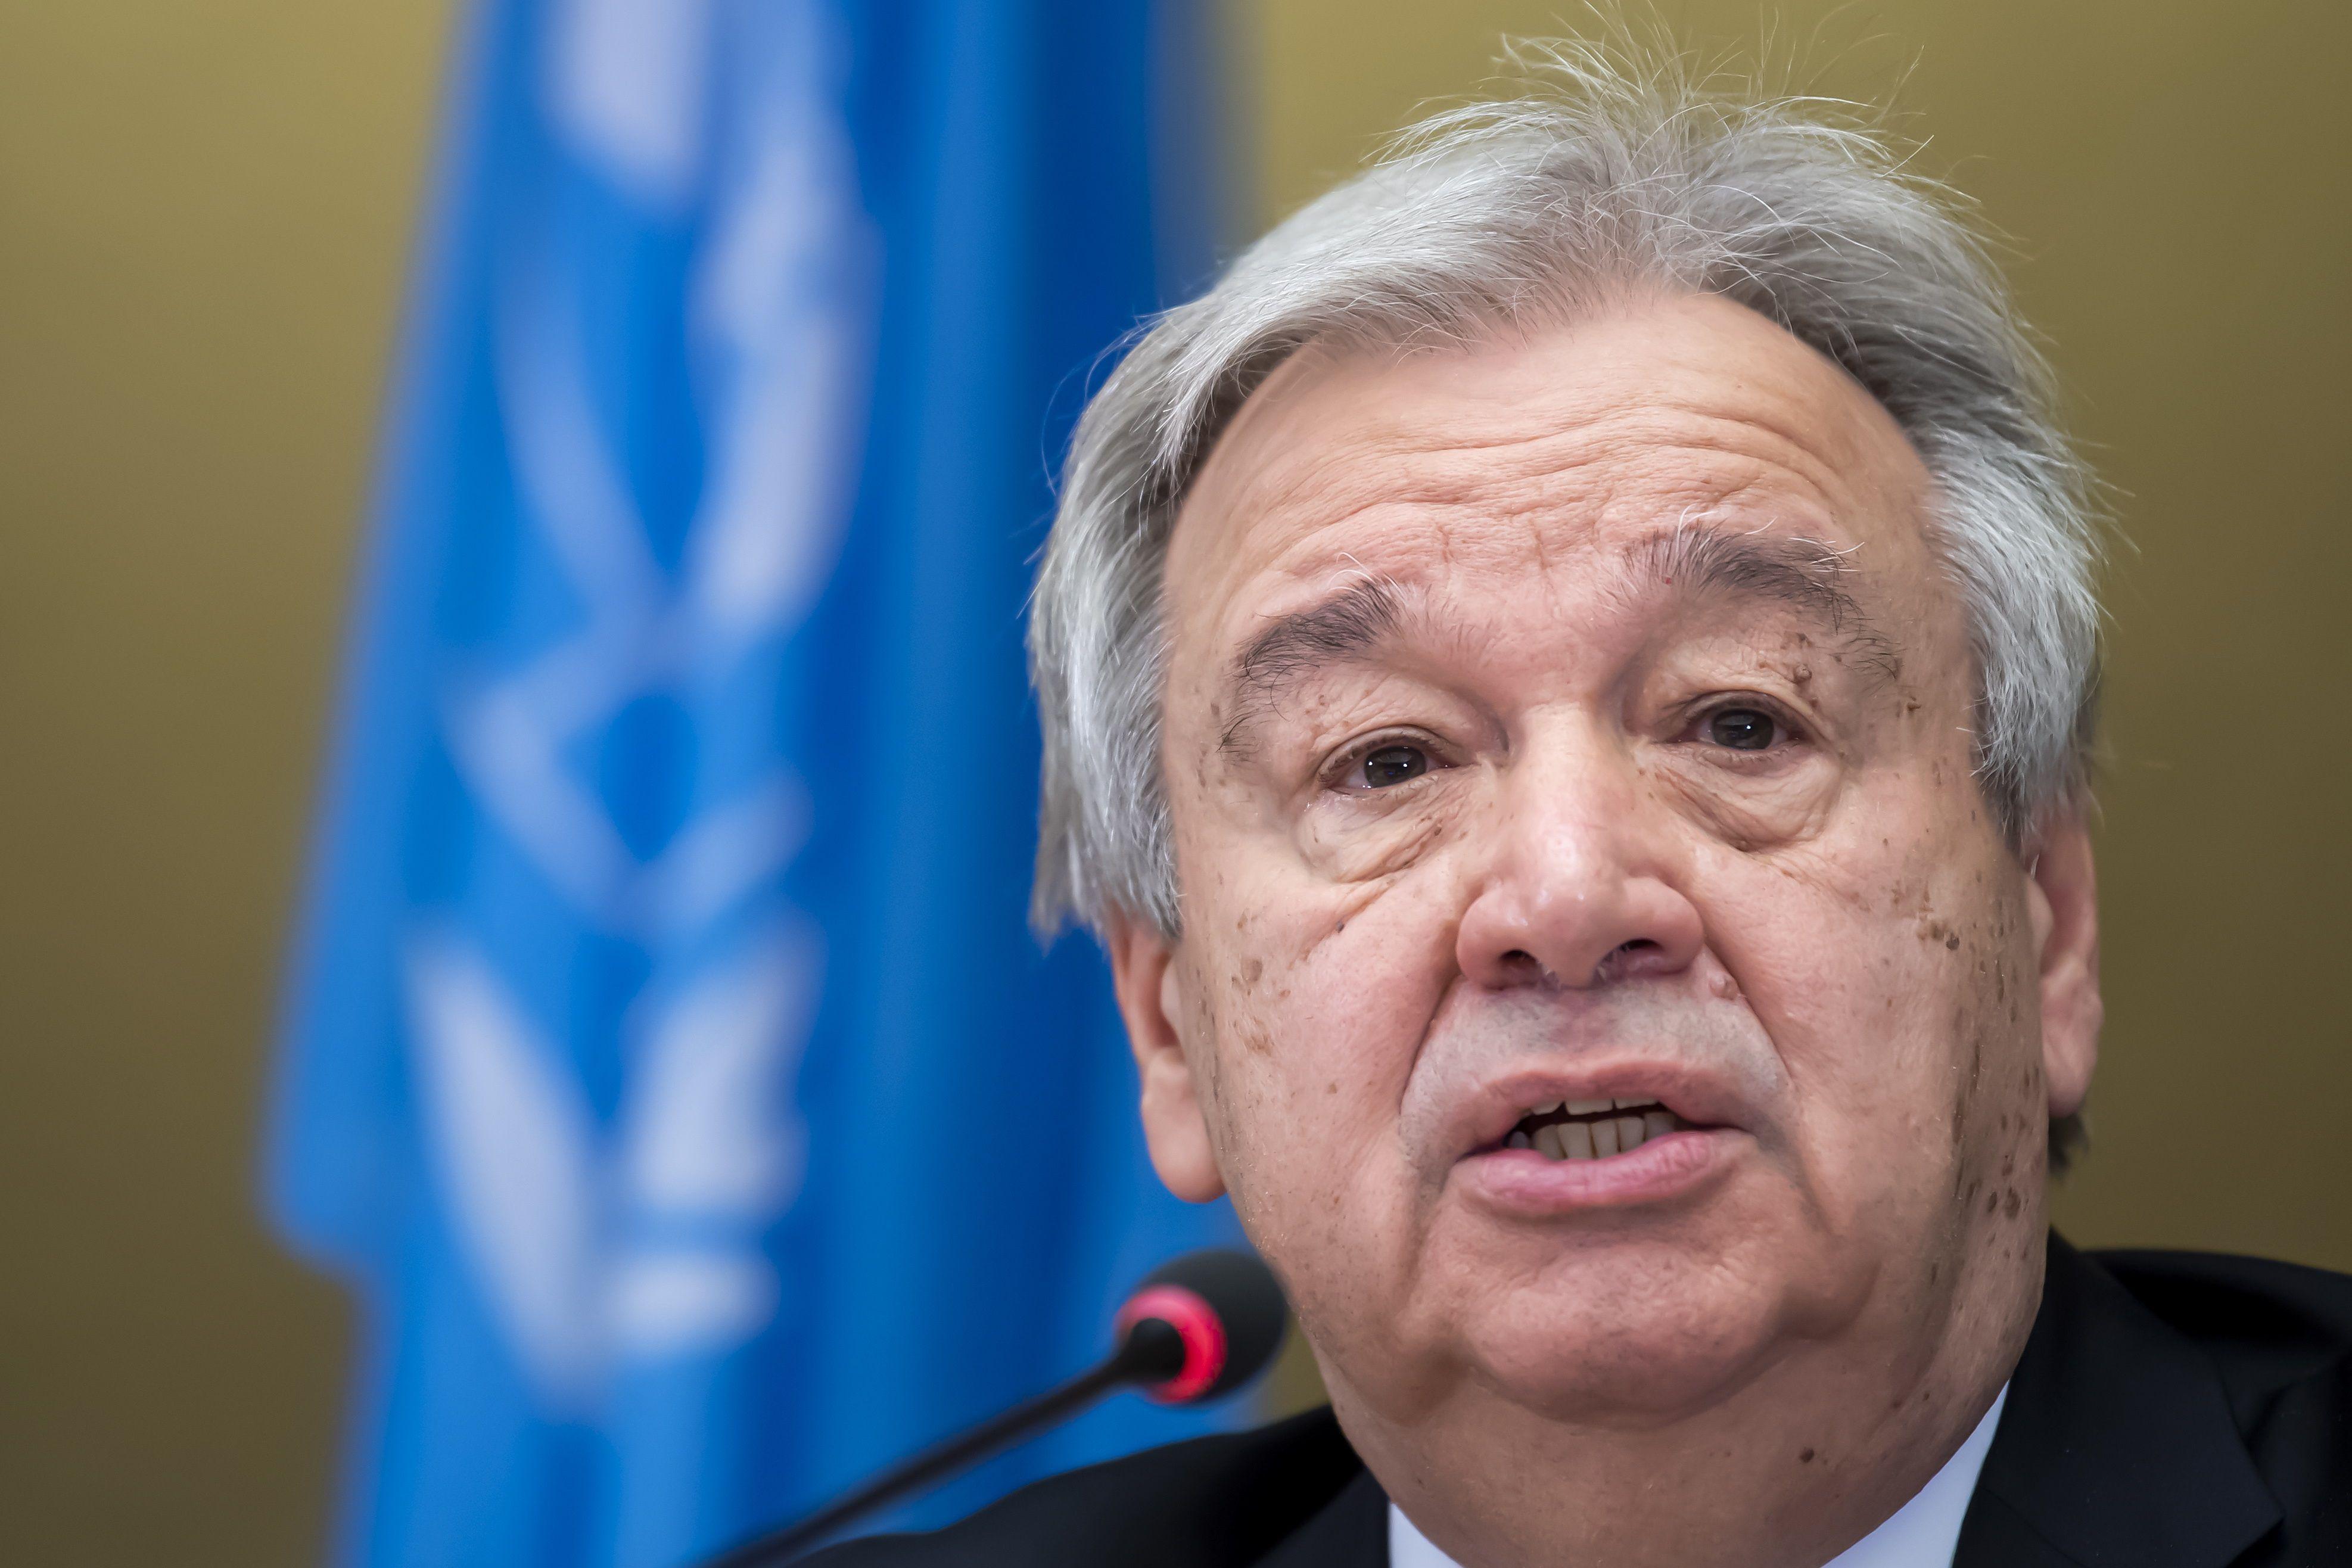 En la imagen, el secretario general de la ONU, António Guterres. EFE/Martial Trezzini/Archivo